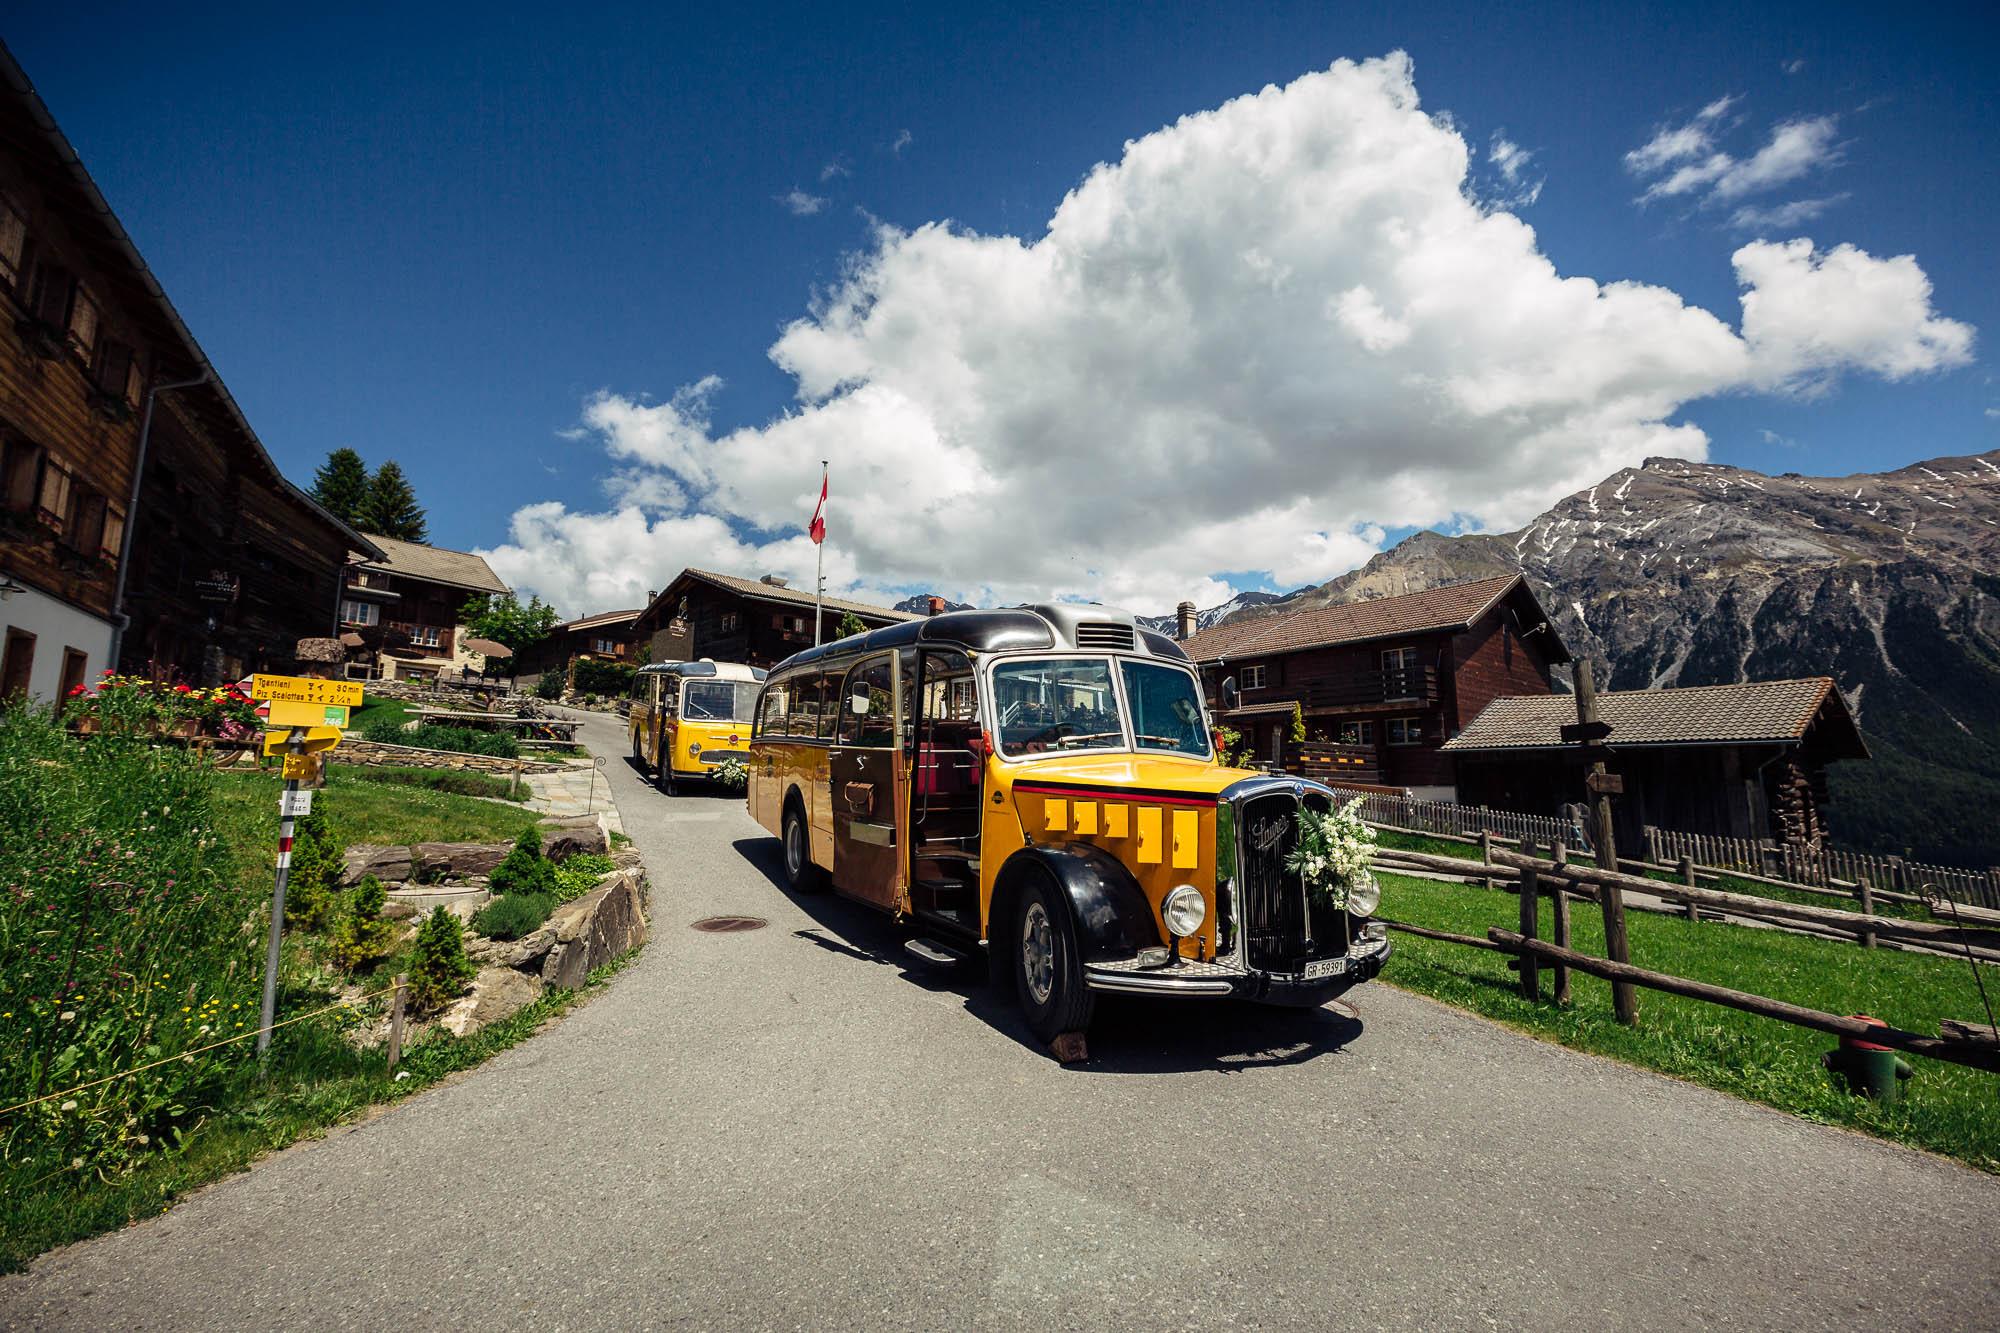 Zwei Postautos stehen bereit um die Hochzeitsgesellschaft zu transportieren